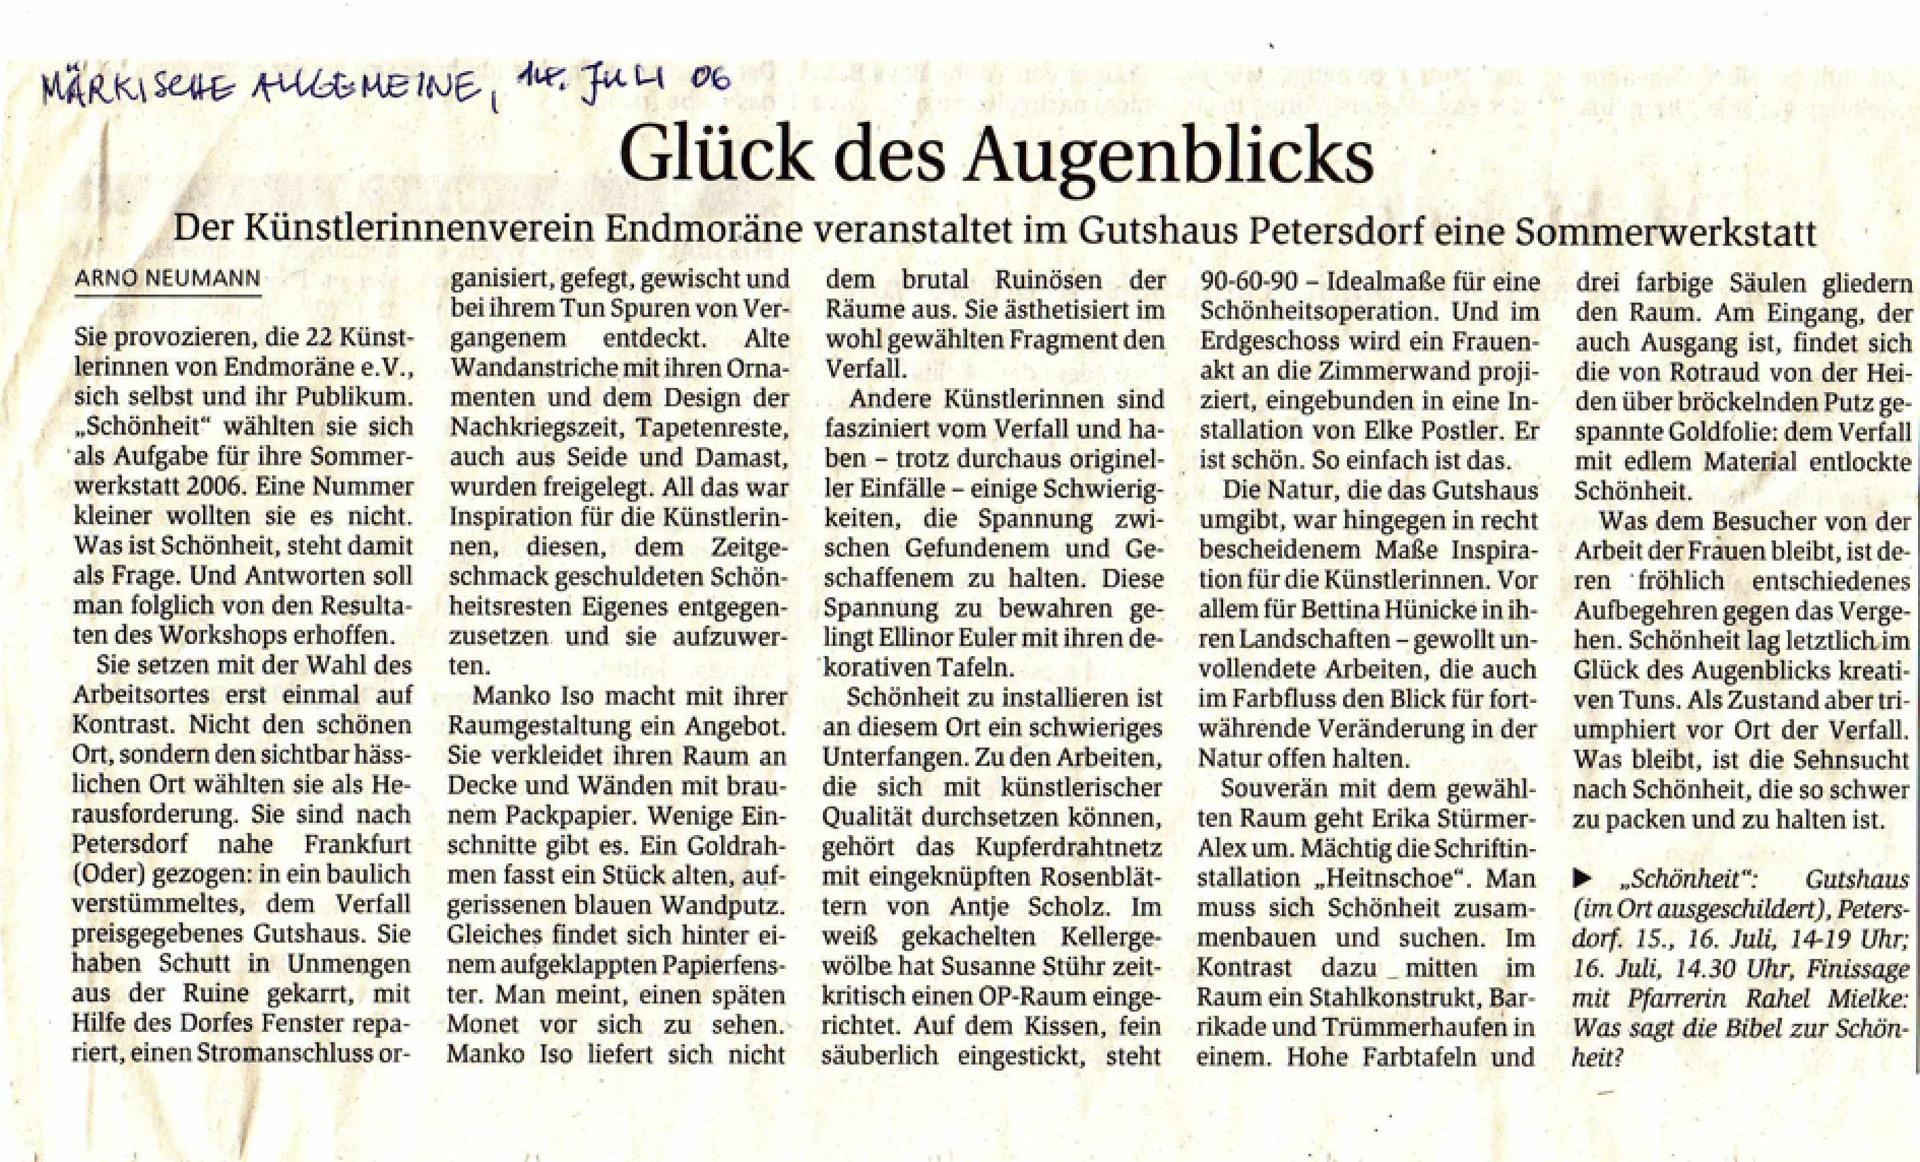 Juli 2006: Glück des Augenblicks MAZ, 14. Juli 2006, Rezension von Arno Neumann